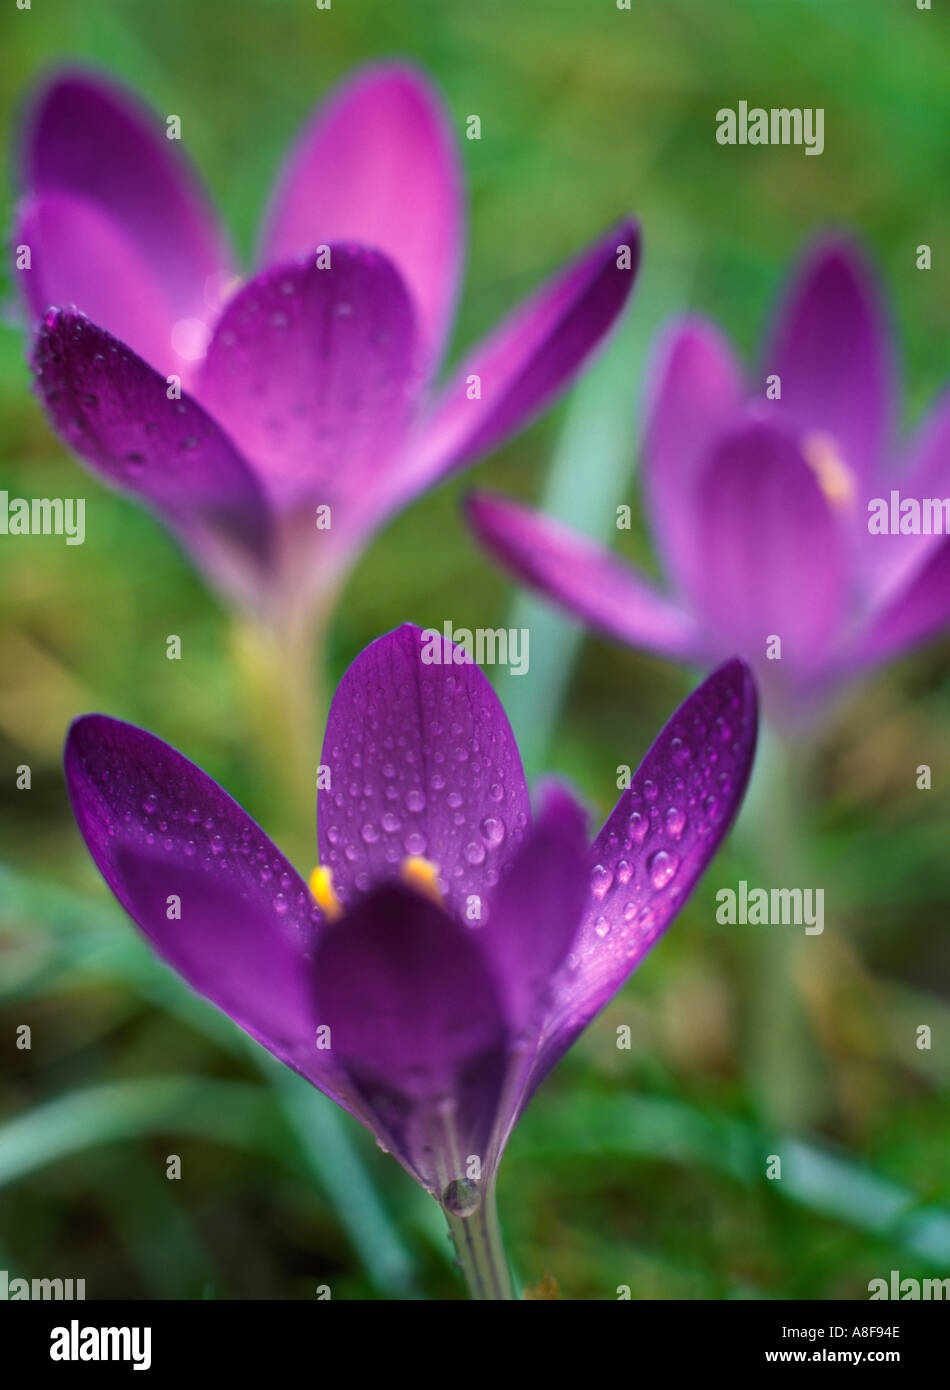 Crocus Vernus Three Purple Flowers Growing In Lawn Of Short Green